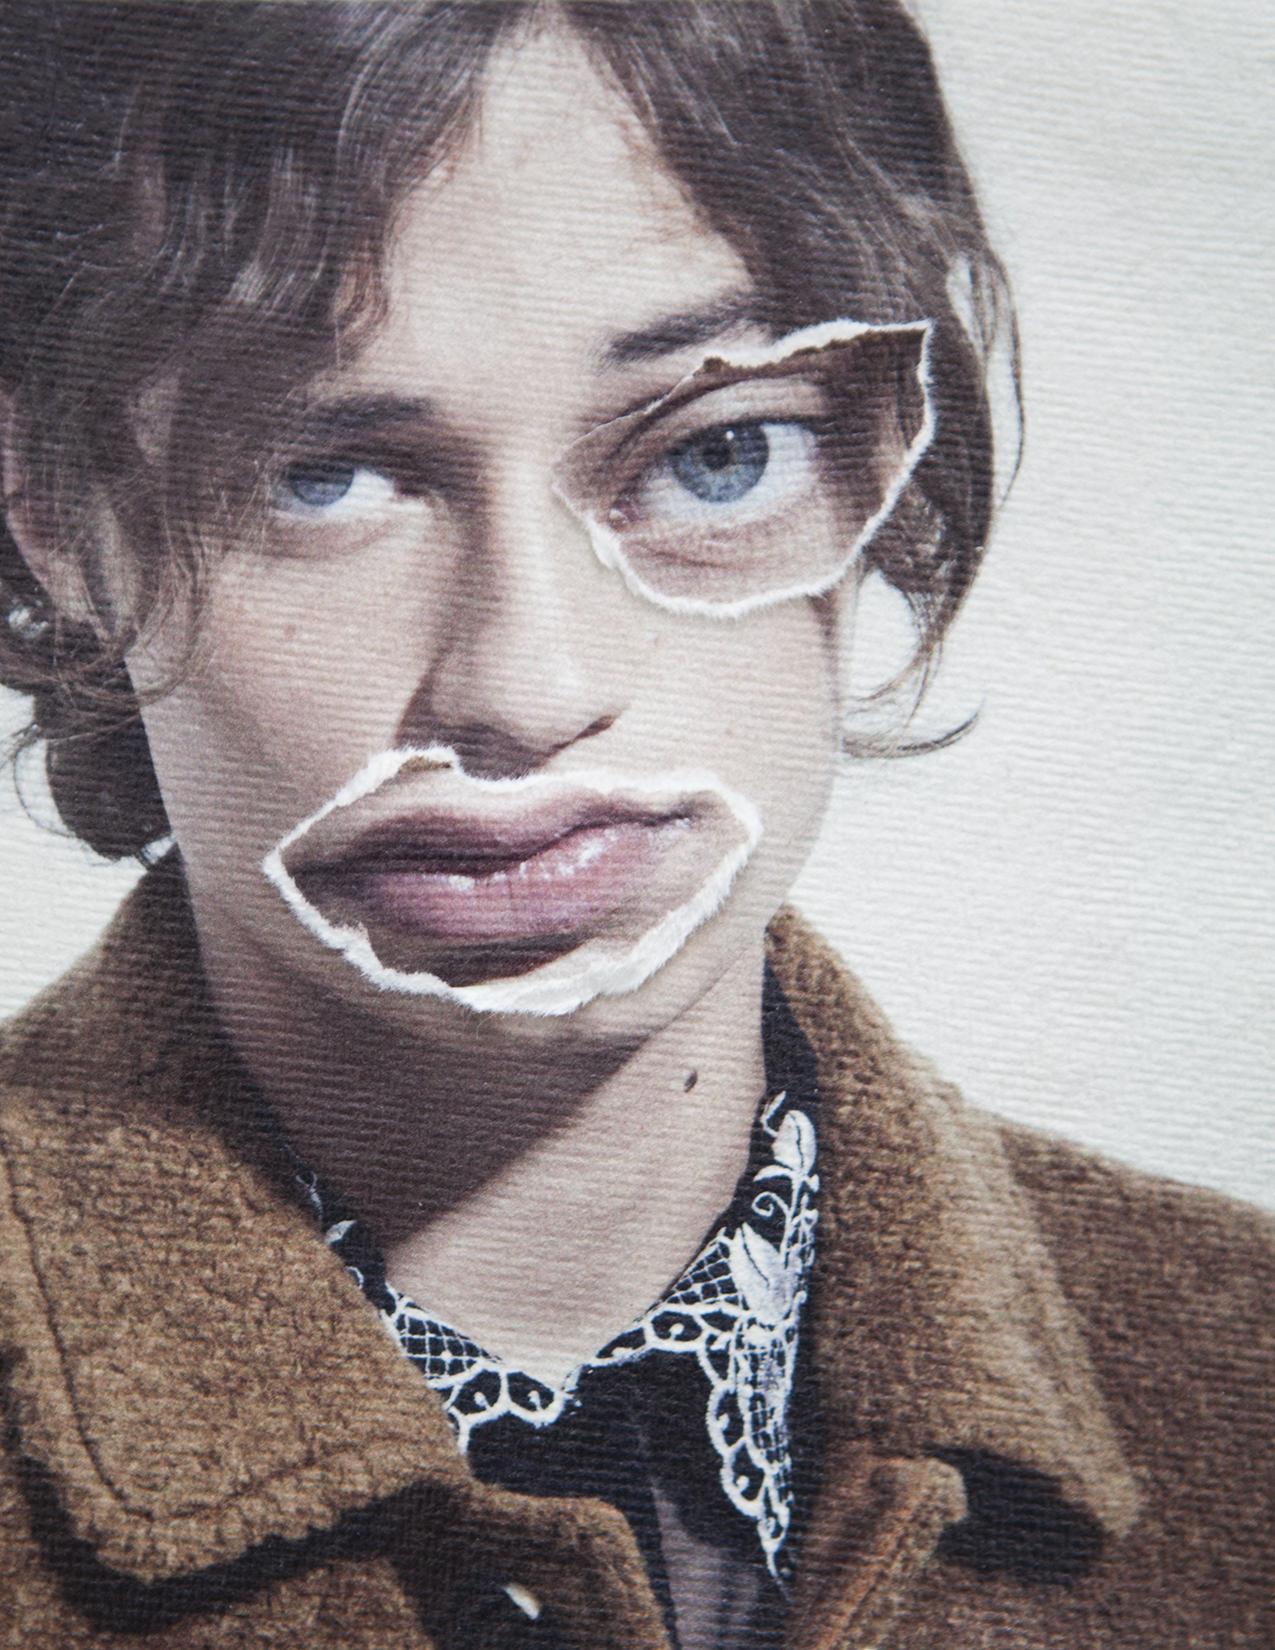 Schon Magazine 4 - Ellen van Bennekom - Pim Thomassen Agency